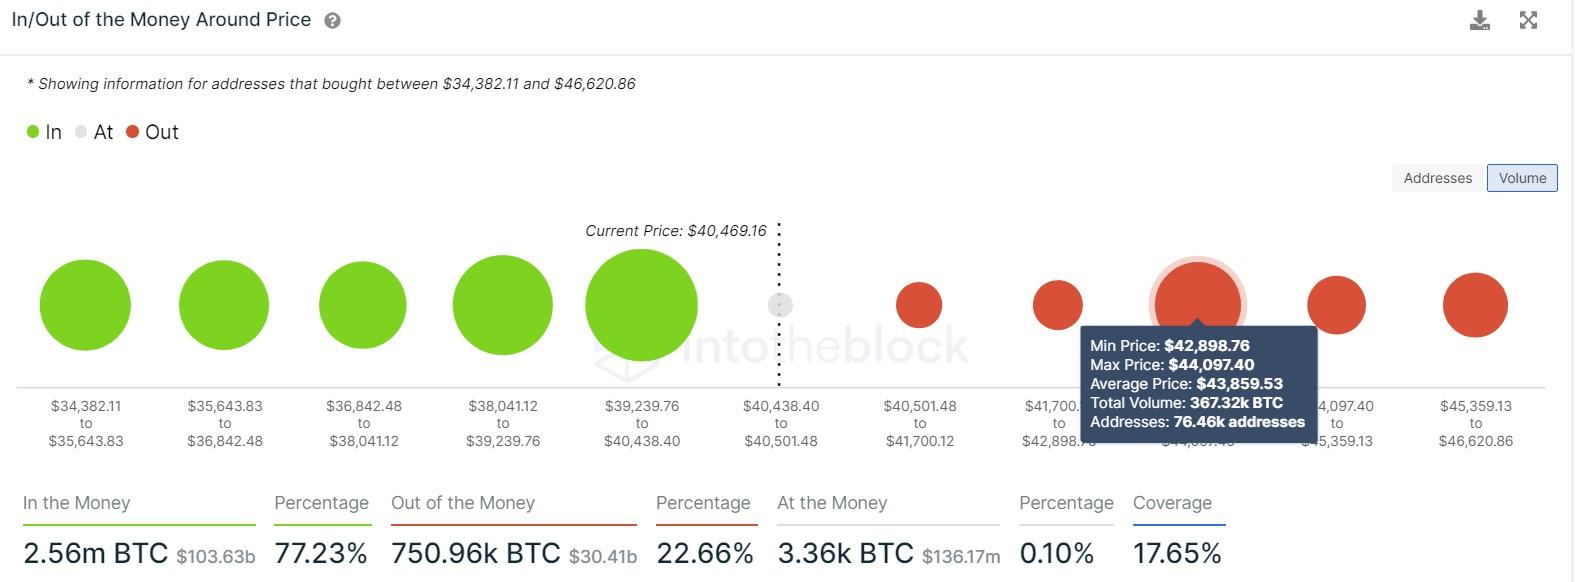 phan-tich-gia-bitcoin-trong-tuan-tu-ngay-9-8-den-13-8-2021-2